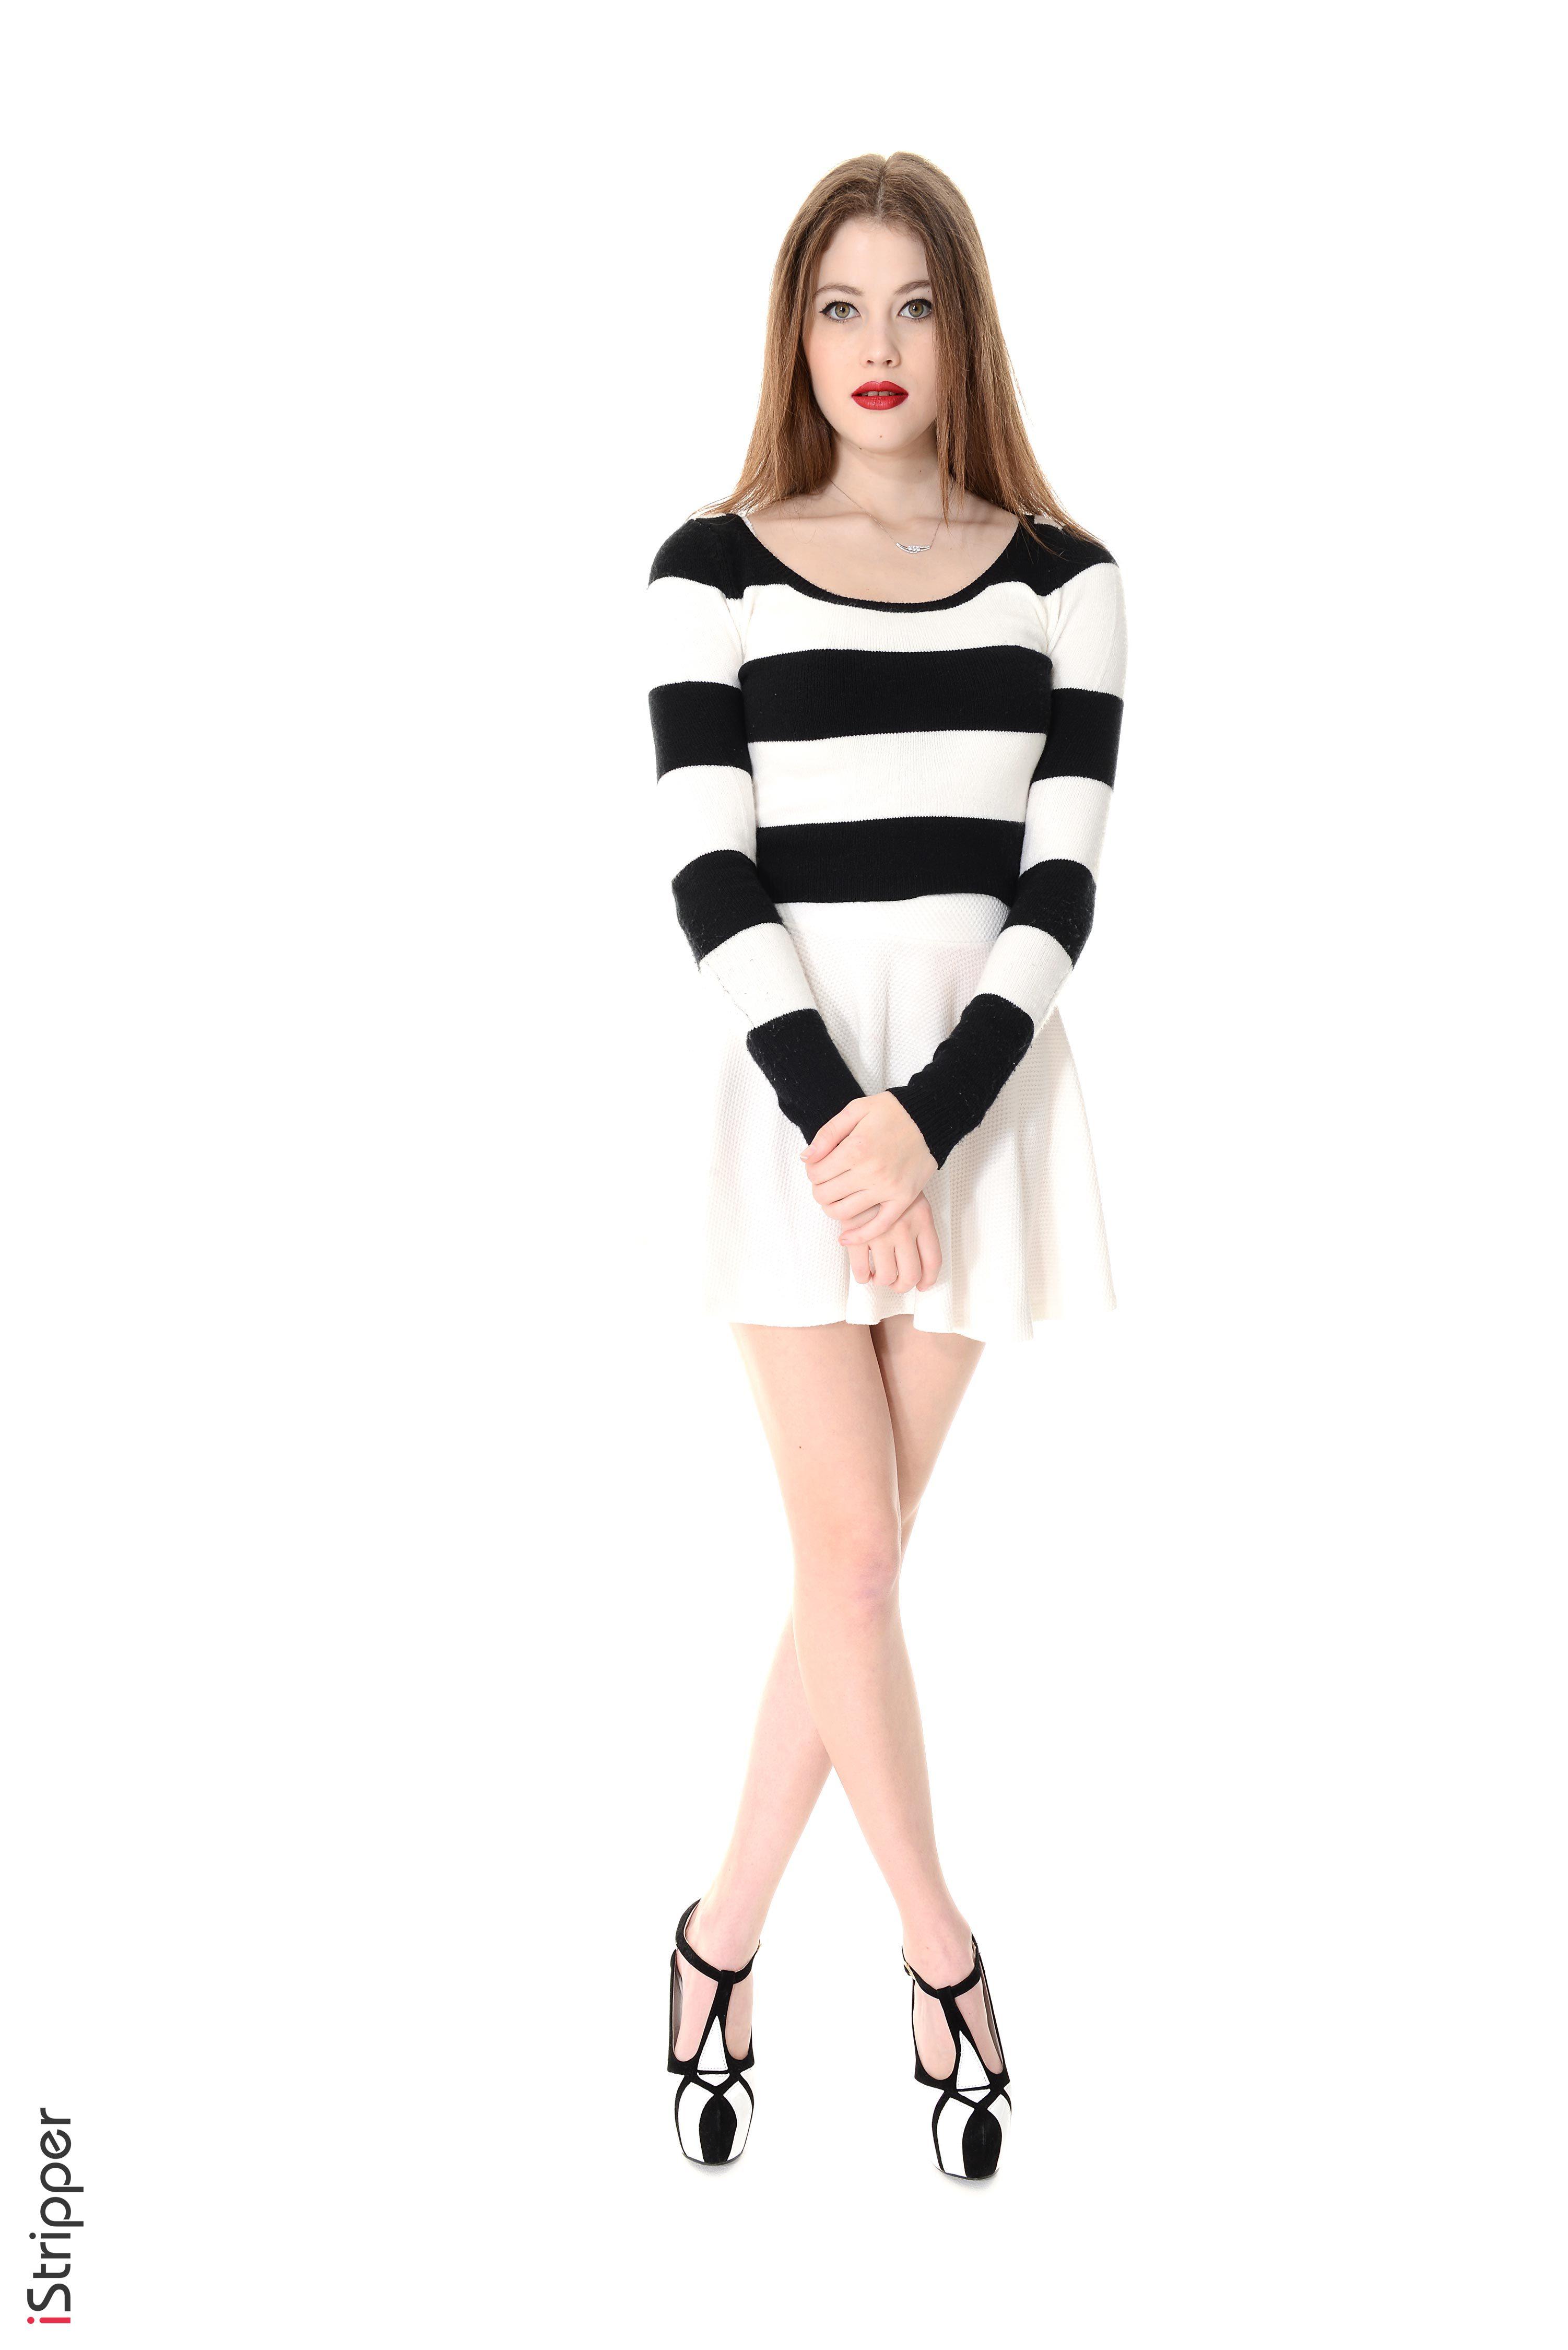 Fotos von Heidi Romanova Braune Haare iStripper junge frau Bein Strips Weißer hintergrund Kleid Stöckelschuh  für Handy Braunhaarige Mädchens junge Frauen High Heels